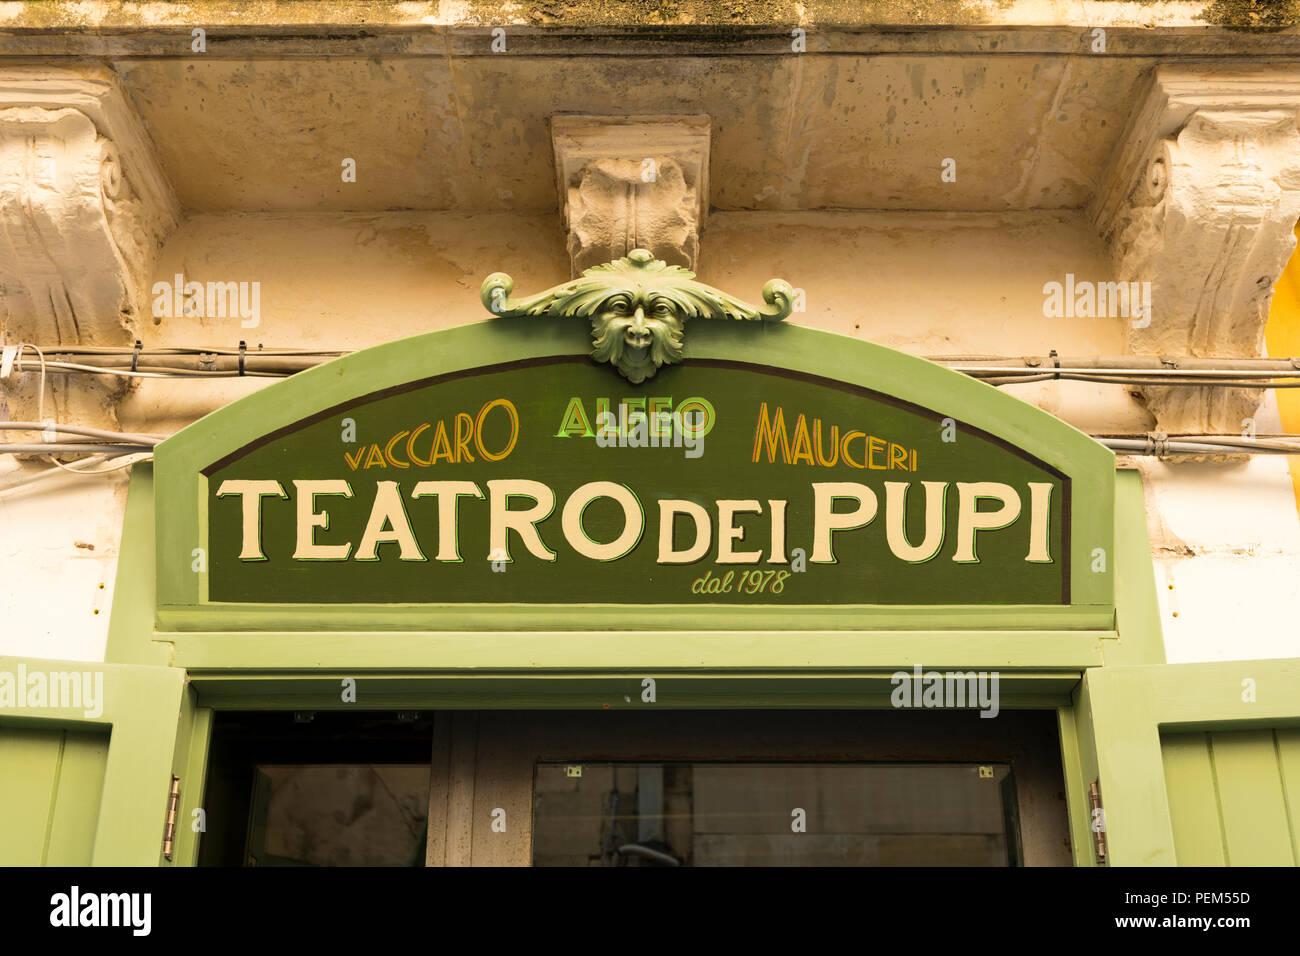 Italia Sicilia siracusa Siracusa Ortigia Via della Giudecca Teatro dei Pupi teatro dei pupi teatro est 1978 segno Vaccaro Alfeo Mauceri marionette Immagini Stock